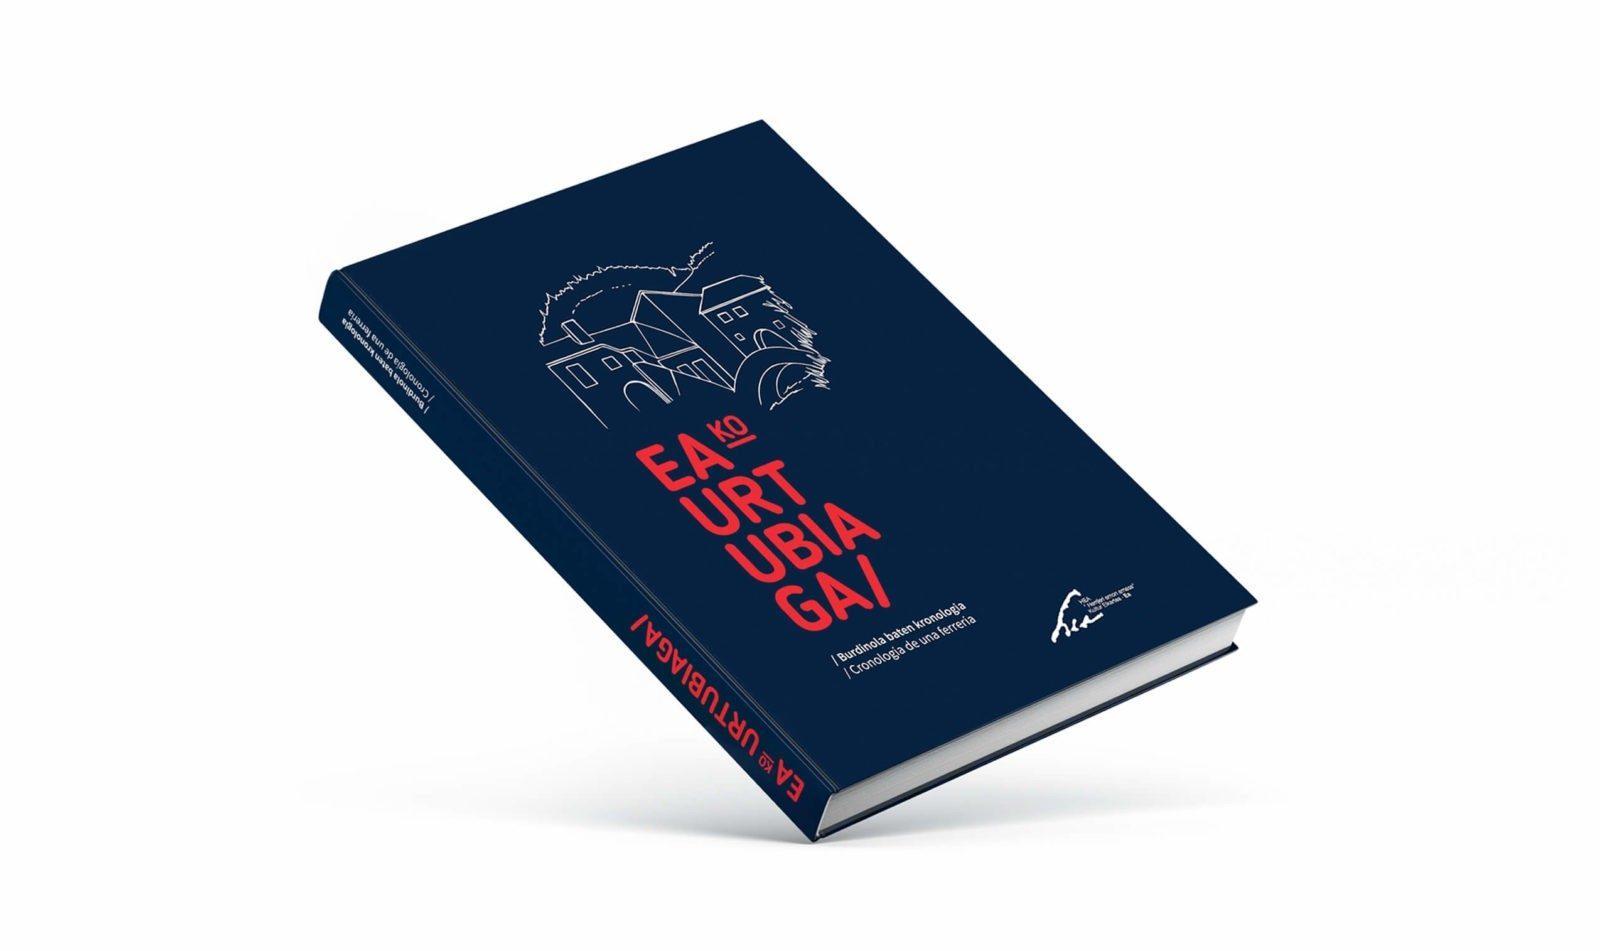 Sirope-Proyectos-diseño editorial-Ea-LibroPortada